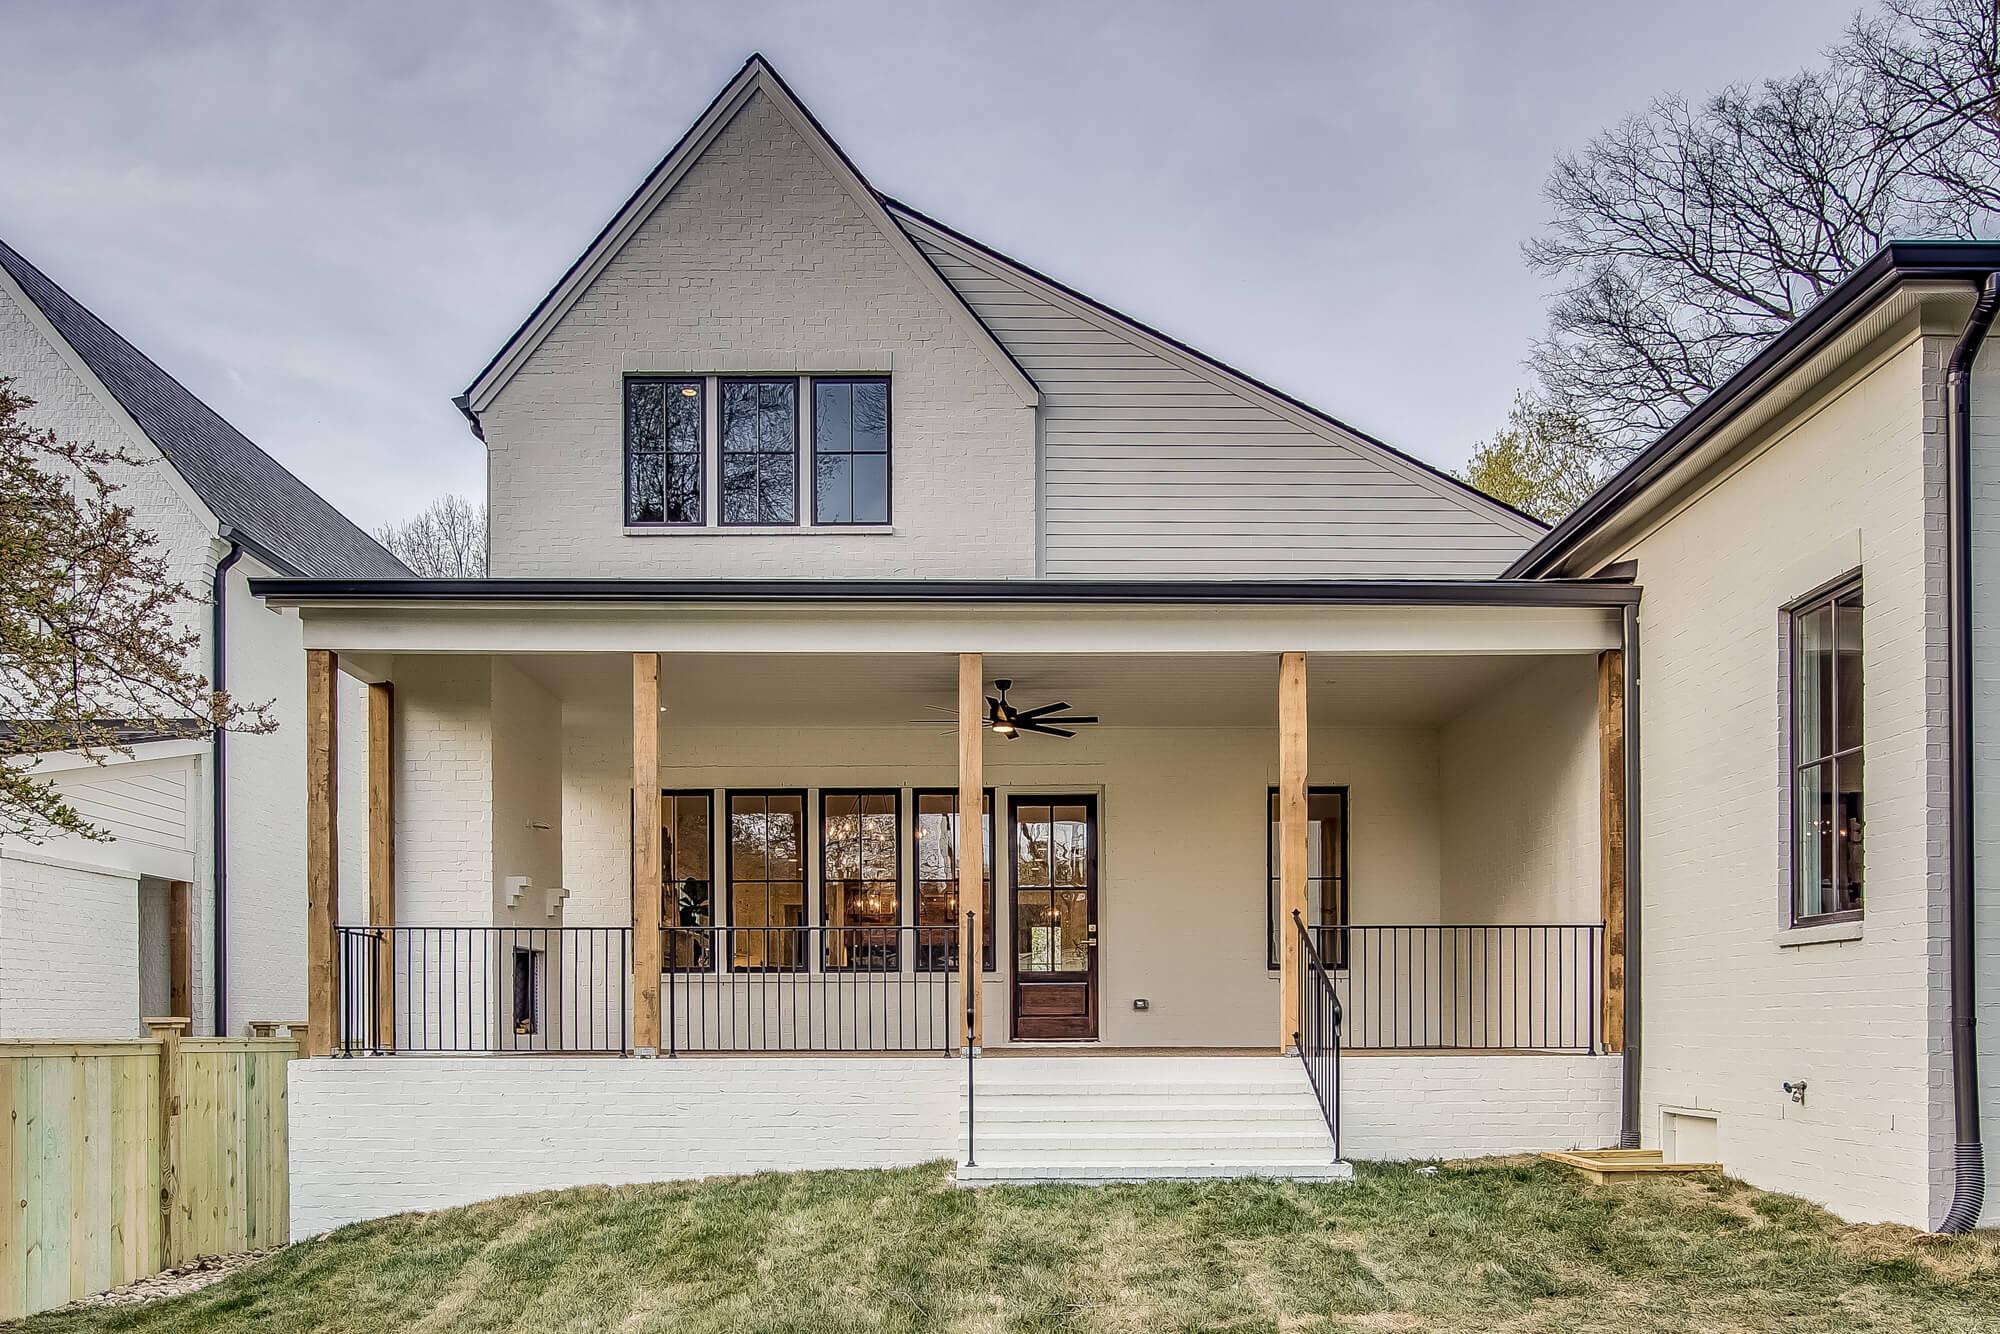 chandelier-development-nashville-tennessee-home-builder--13.jpg